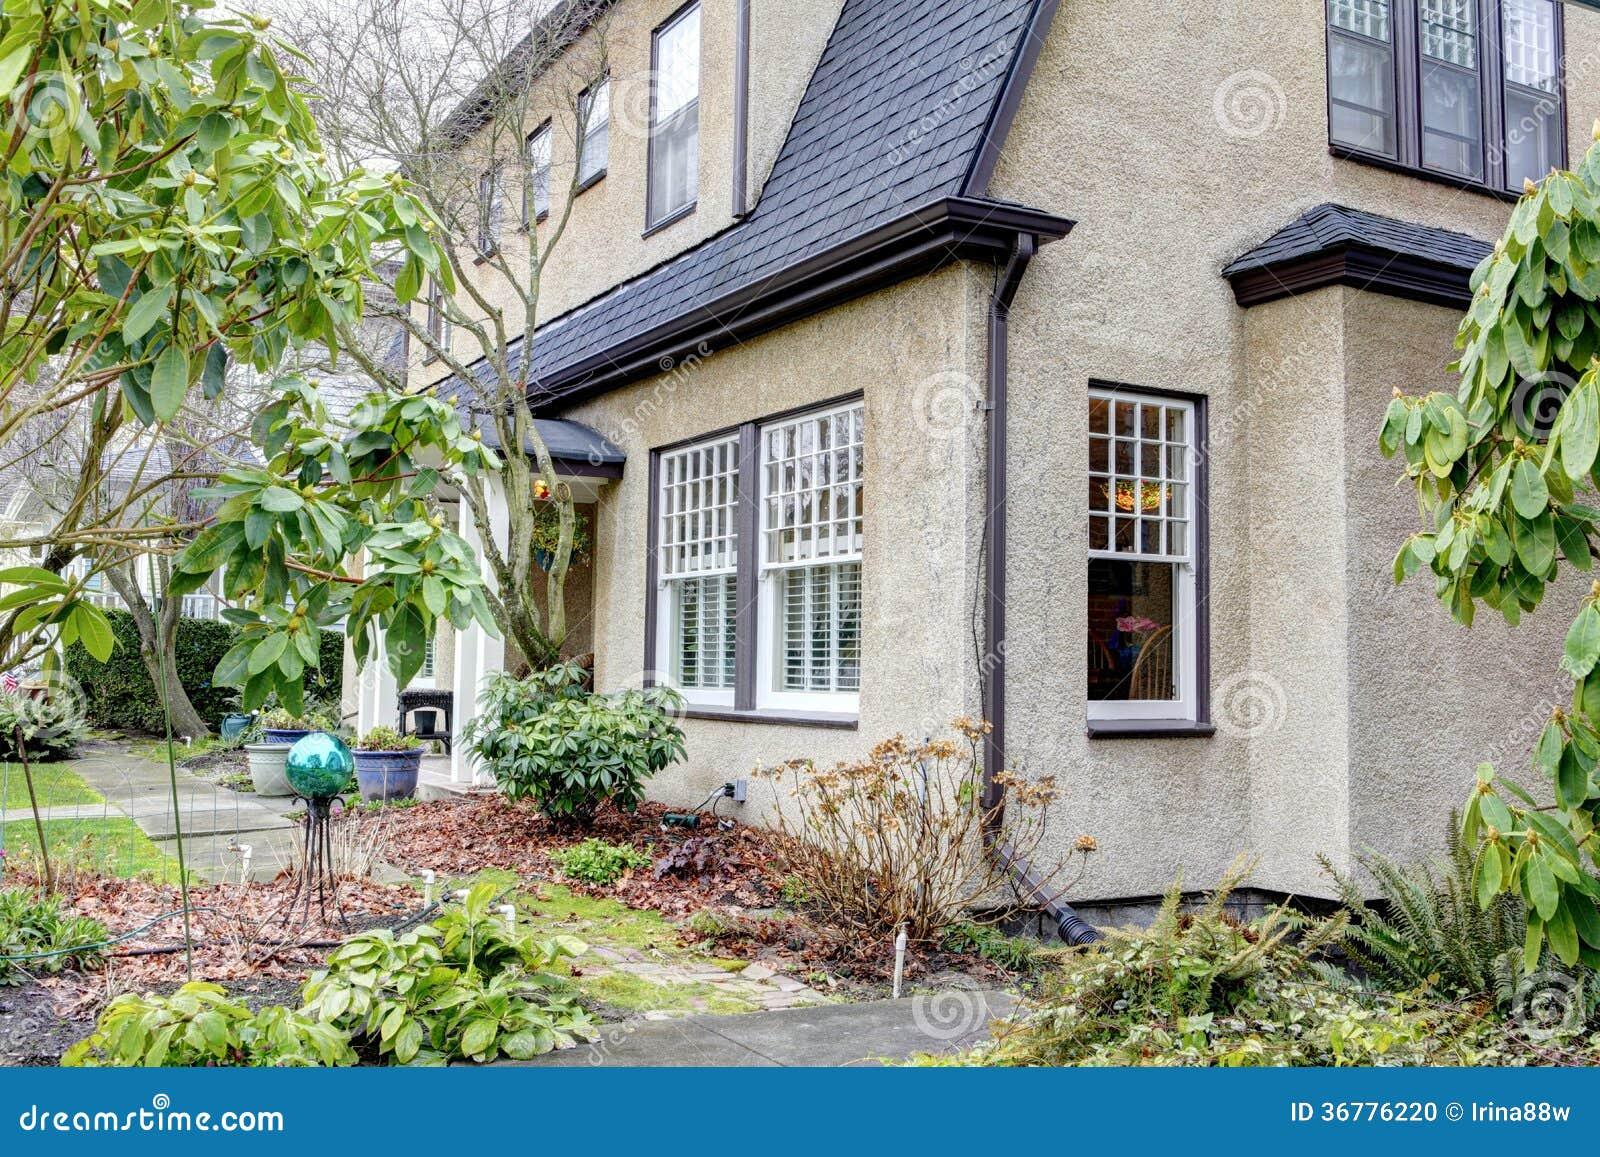 Affordable esterno sveglio della casa della cittadina americana with finestre americane - Finestre all americana ...